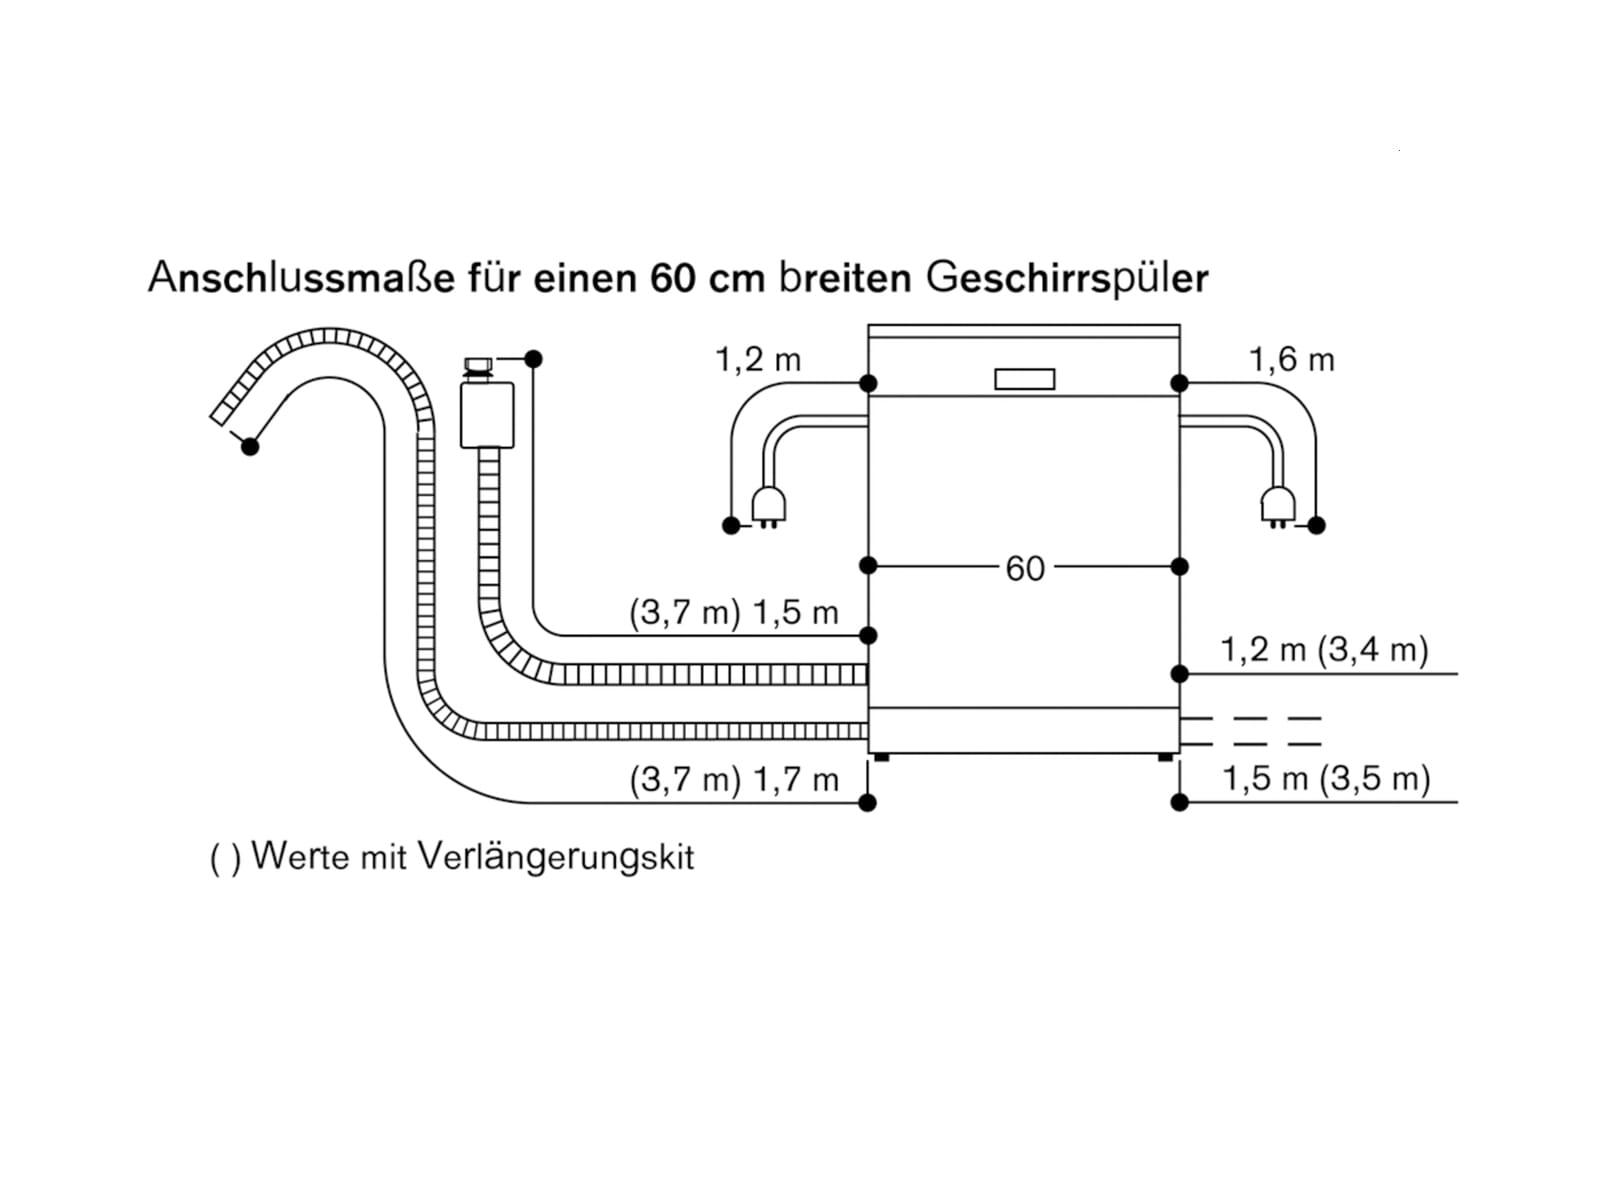 Gaggenau DF 250 162 Serie 200 Vollintegrierbarer Einbaugeschirrspüler